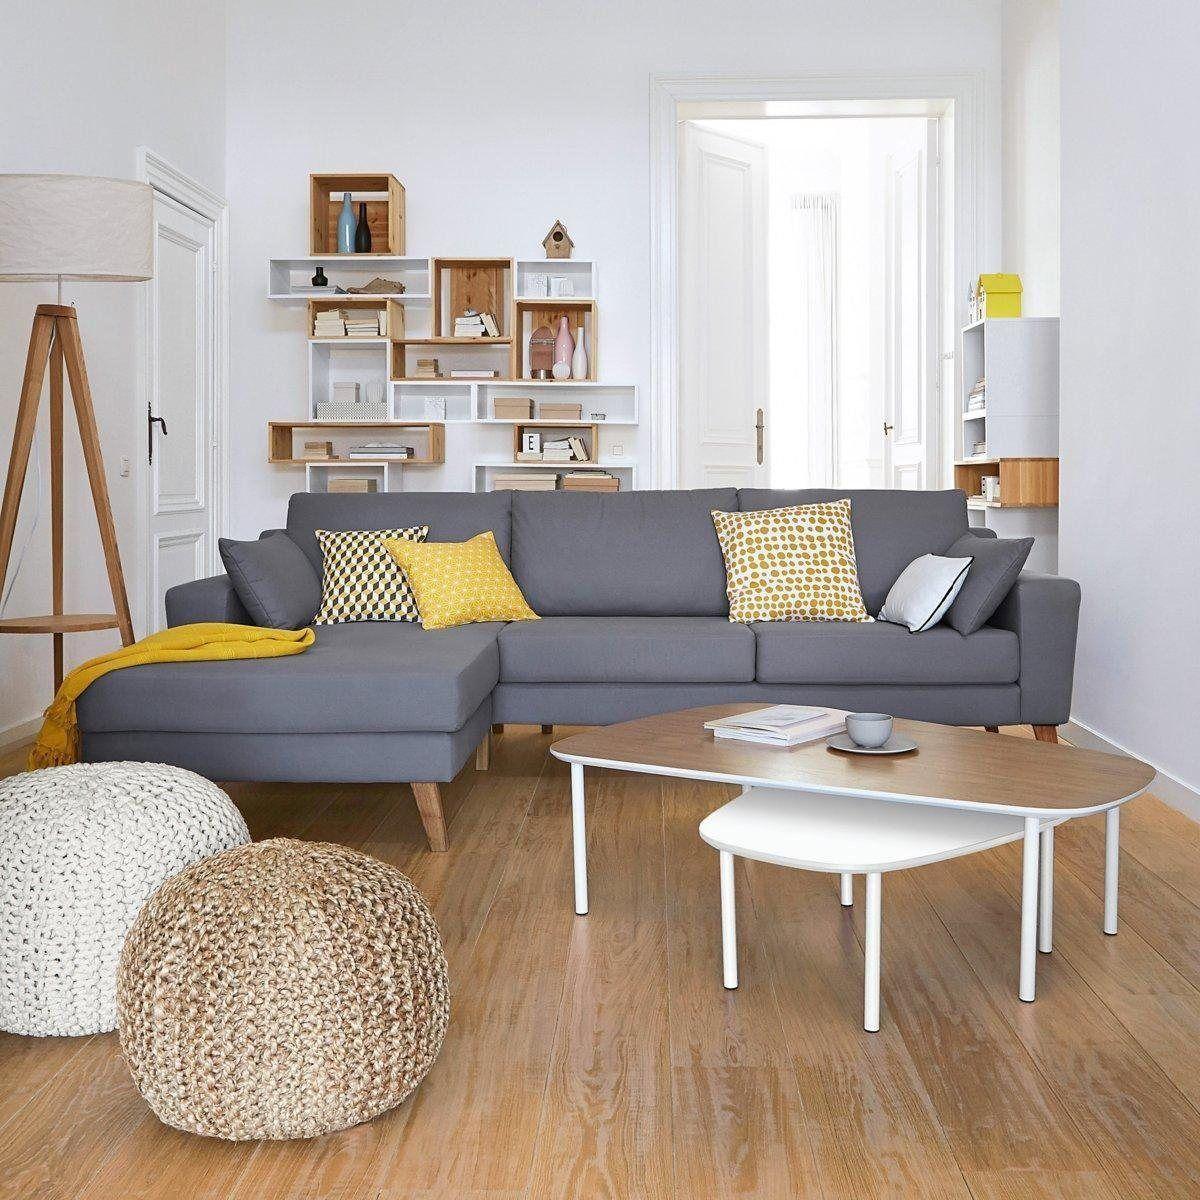 Salon Scandinave Blanc,Gris,Jaune Bois,Parquet,Textile: budget